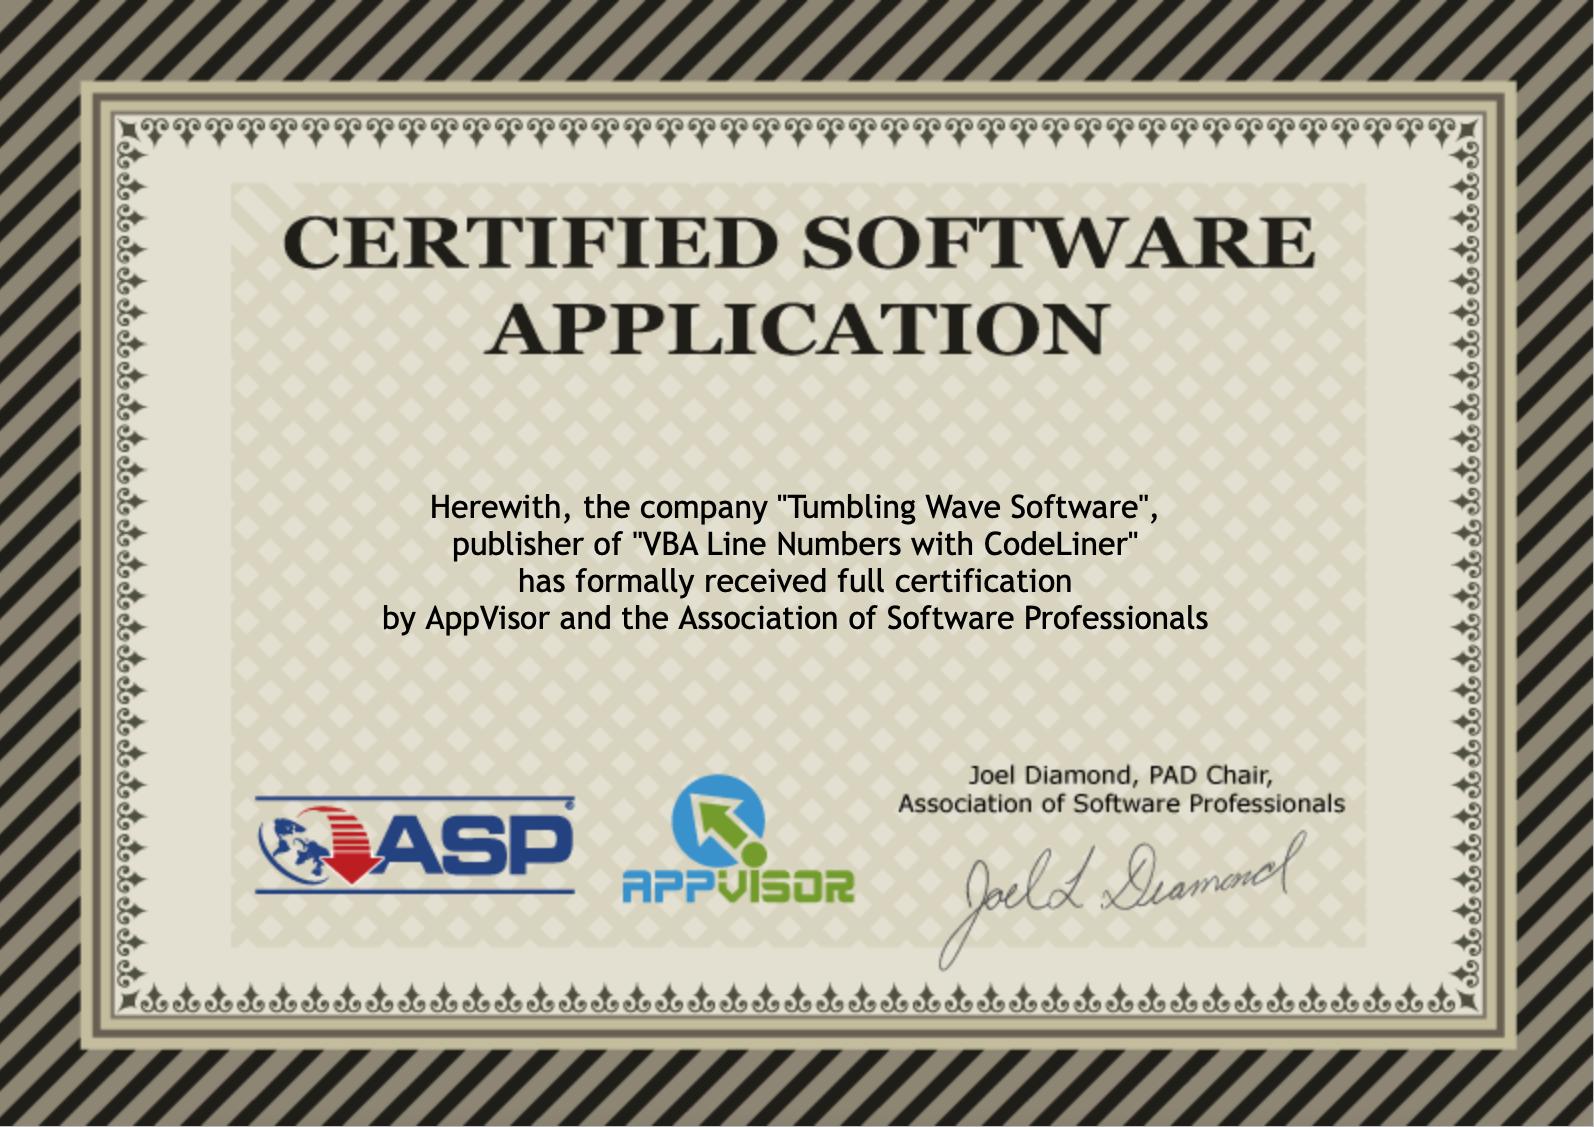 Software Informer Virus Free award